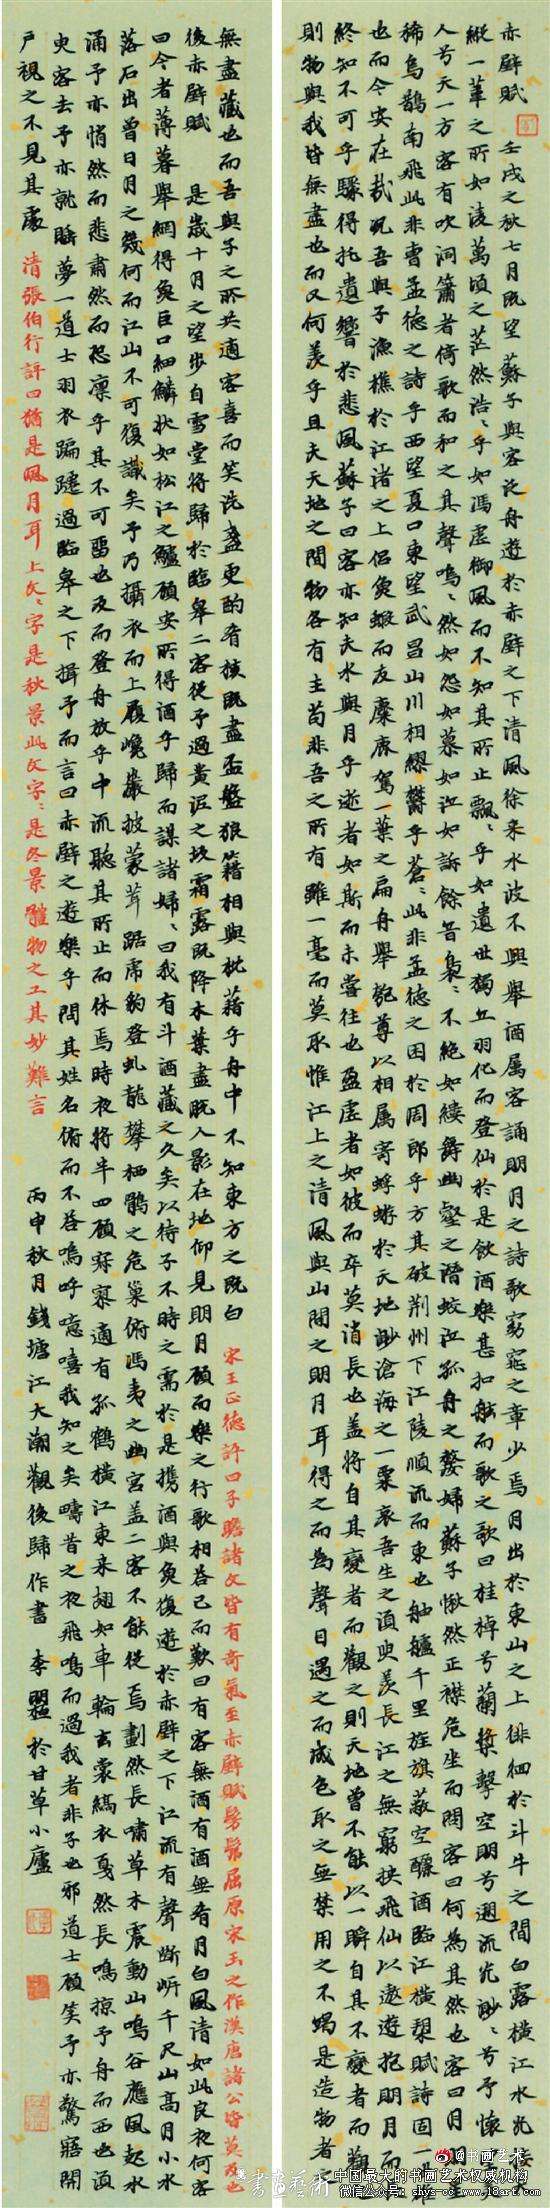 李明桓 苏轼《前后赤壁赋》